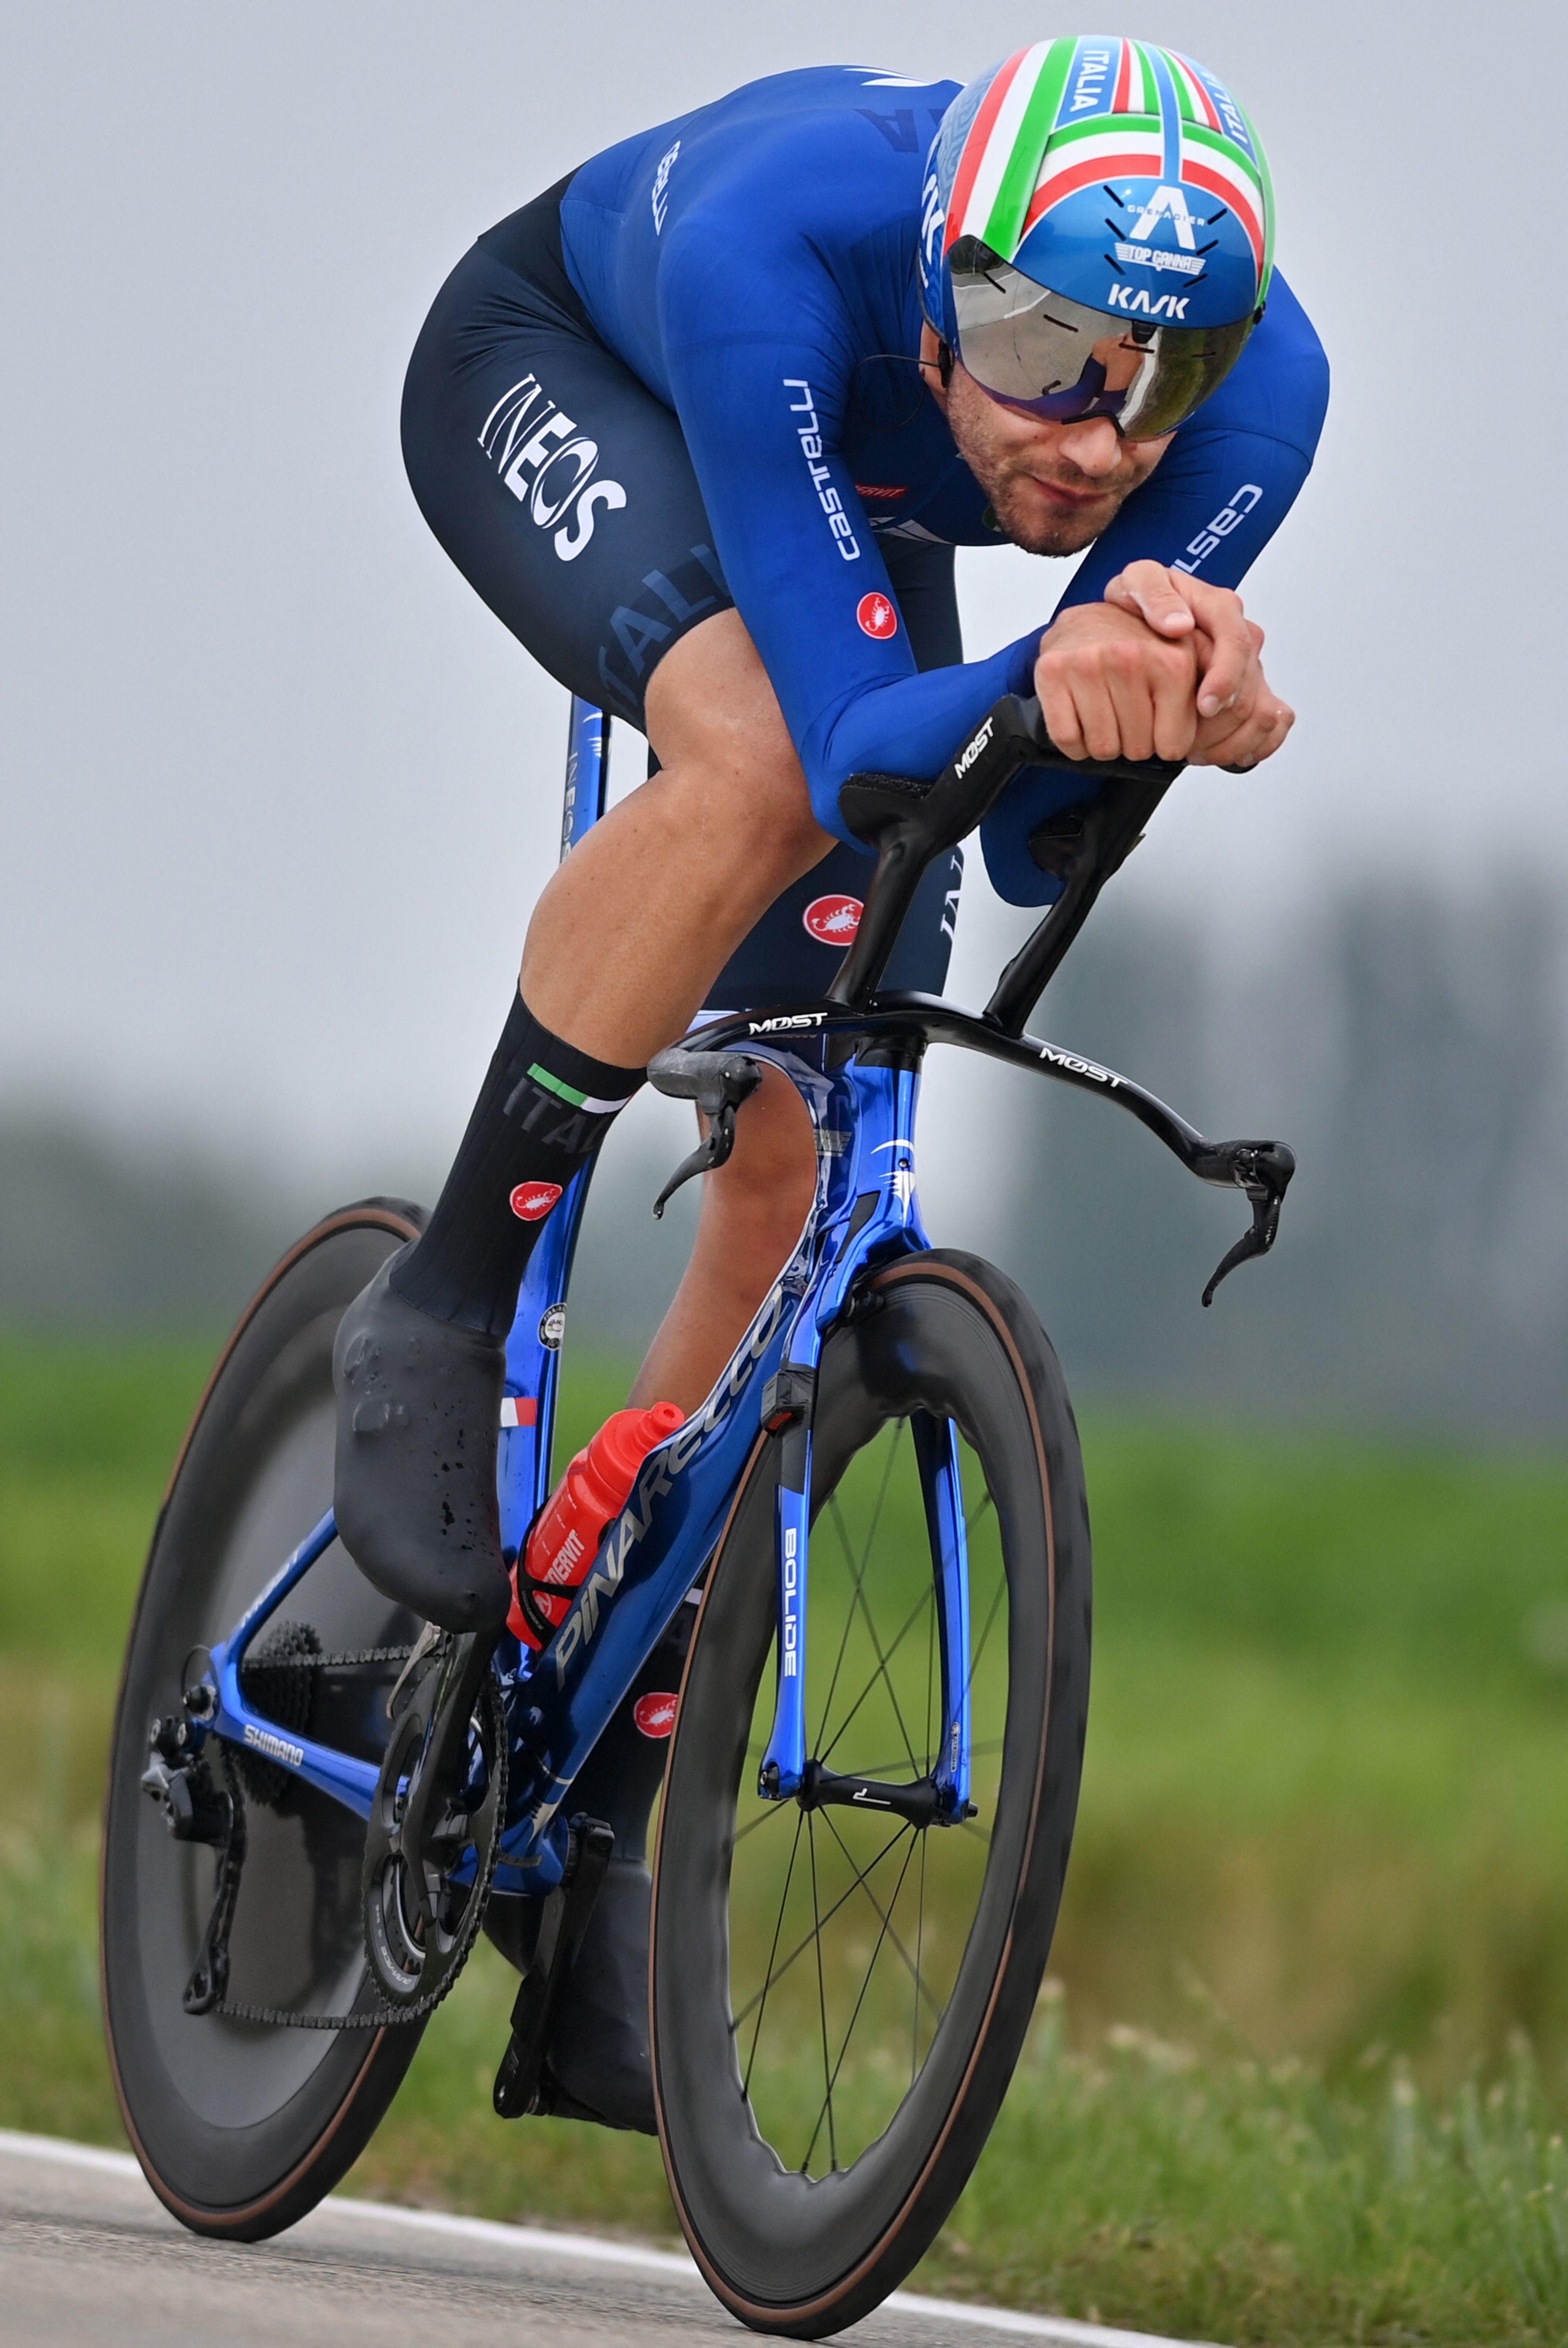 Filippo Ganna vince la cronometro individuale e si laurea campione del Mondo, bissando il successo ottenuto nel 2020. L&#39;azzurro, all&#39;arrivo di Bruges, ferma il tempo in 47&#39;47&quot;, anticipando di quasi 6&quot; il padrone di casa Wout van Aert, battuto al termine di un testa a testa lungo 43.3 km e deciso soltanto nelle pedalate finali. Terzo posto per Remco Evenepoel.<br /><br />